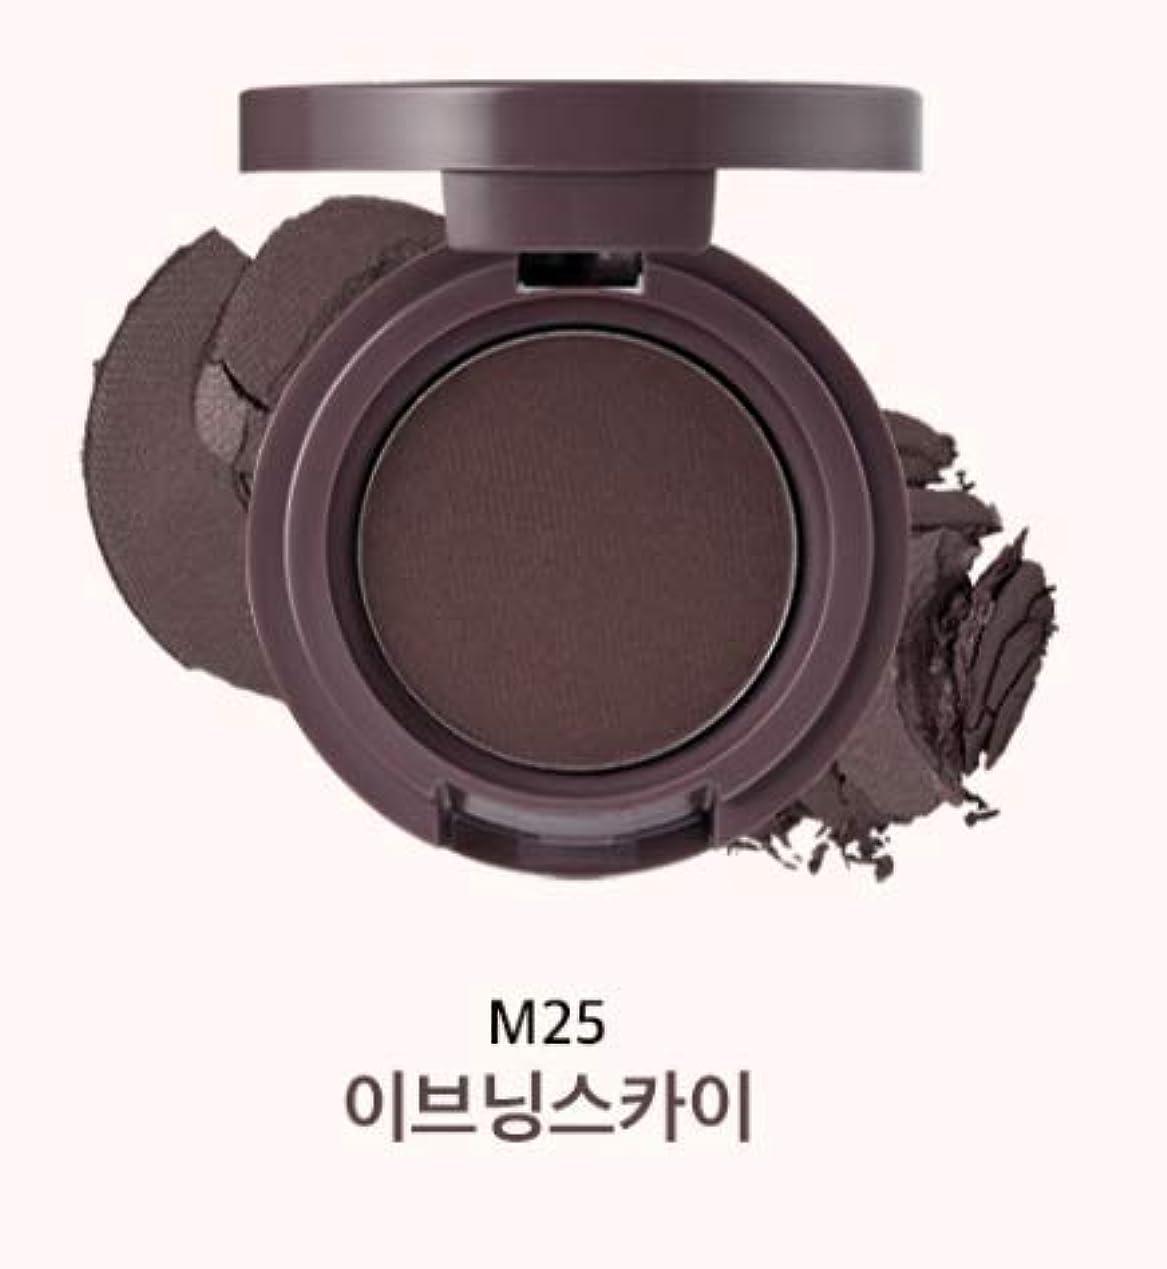 の面では母性【アリタウム.ARITAUM]モノアイズサンセットコレクション(1.5?1.8G)/ MONO EYES SUNSET COLLECTION (M25 EVENING SKY)